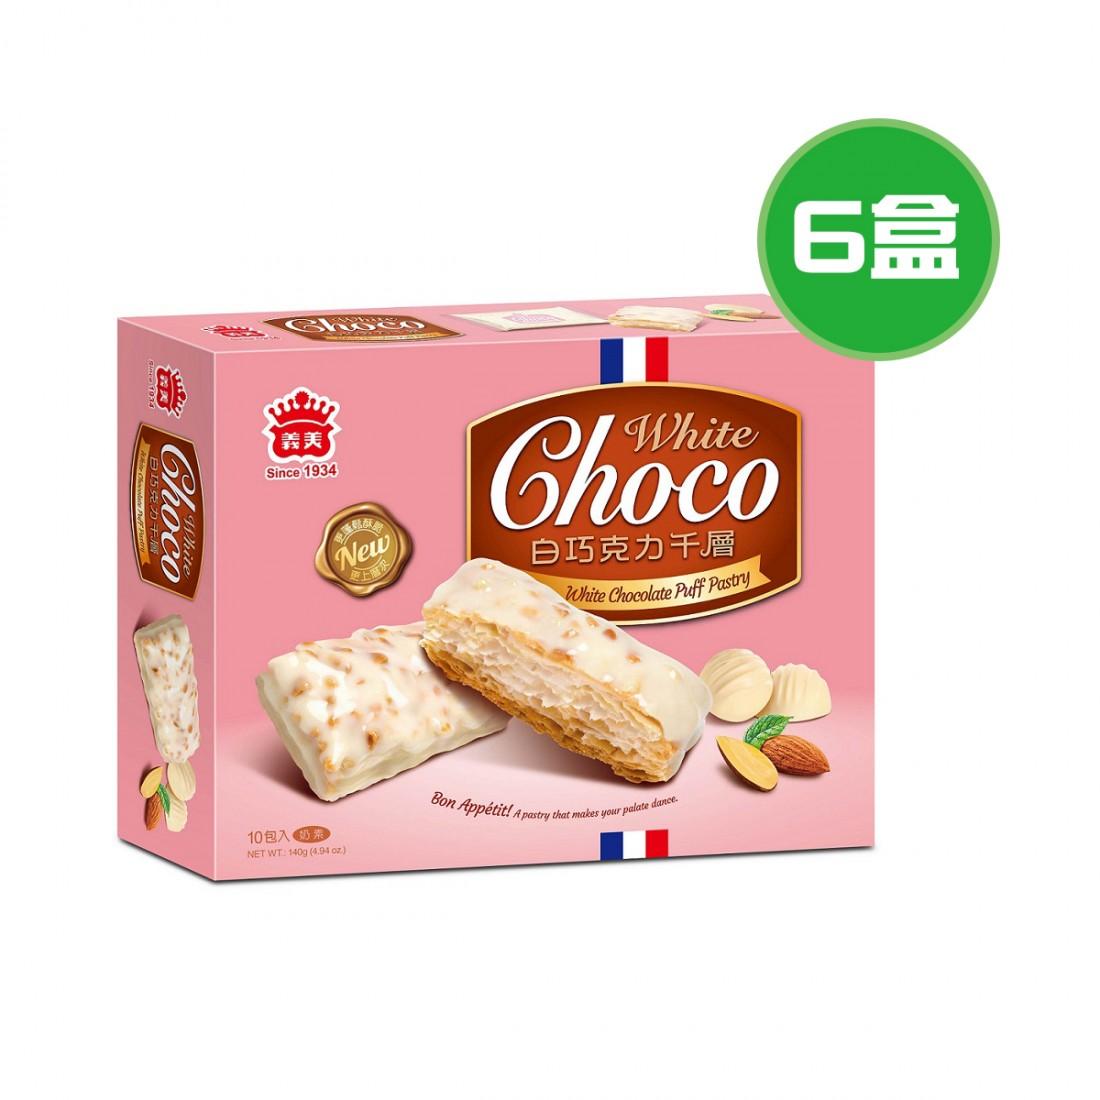 美國安格斯黑牛翼板火鍋肉片 Choice特選級 20盒(200g/盒)